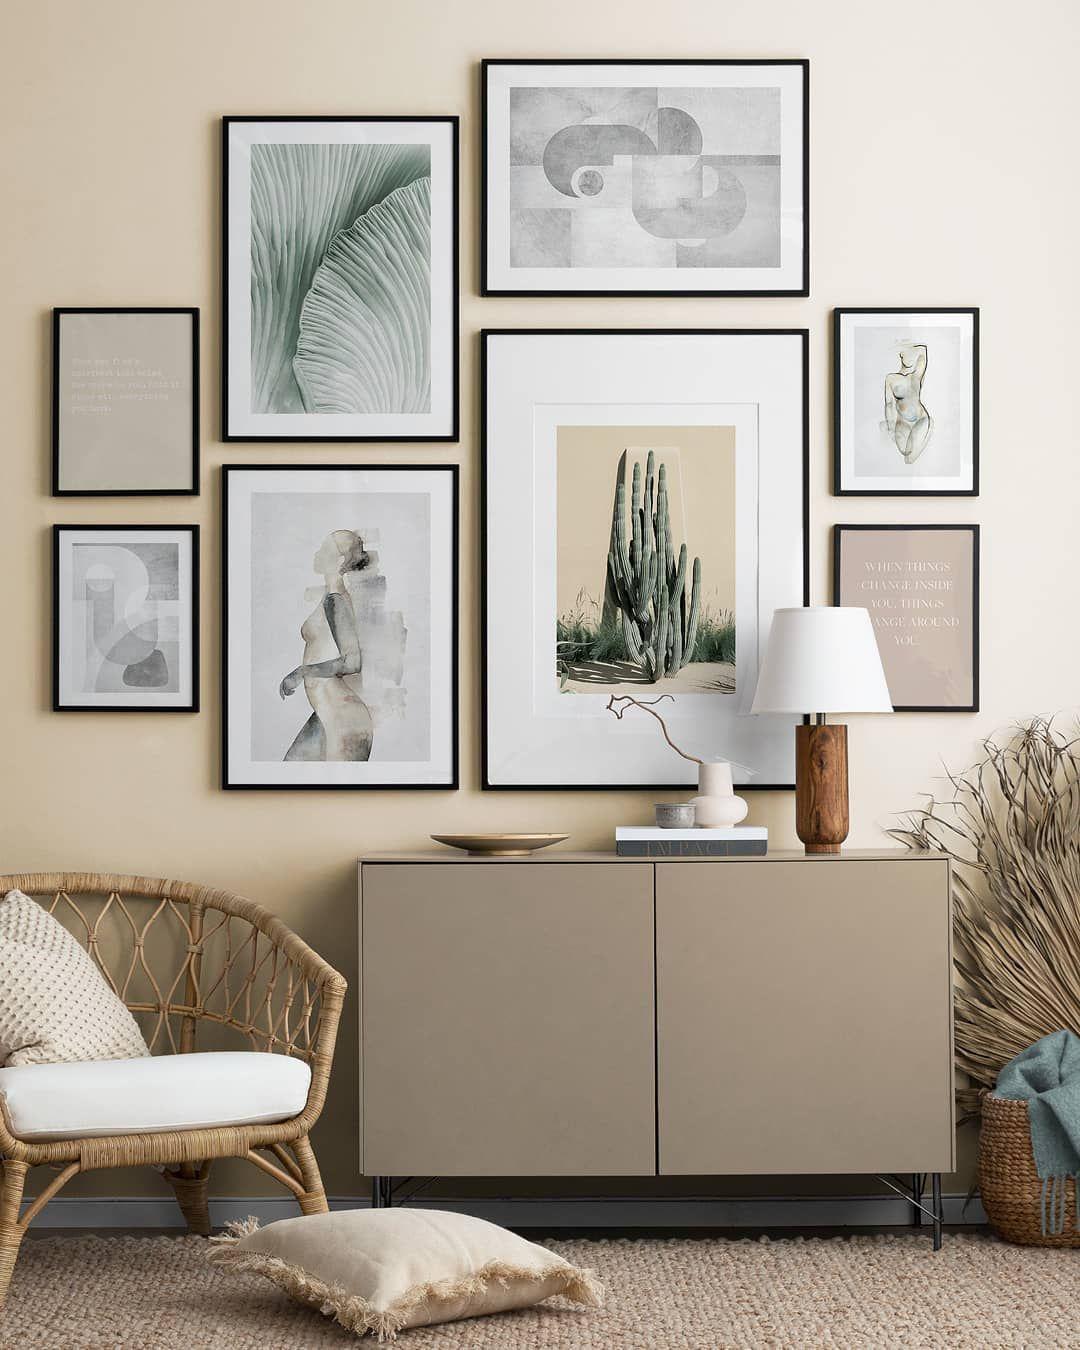 5 759 Otmetok Nravitsya 19 Kommentariev Desenio Posters Online Desenio V Instagram Simple Yet Warm T In 2020 Living Room Decor Inspiration Decor Home Decor